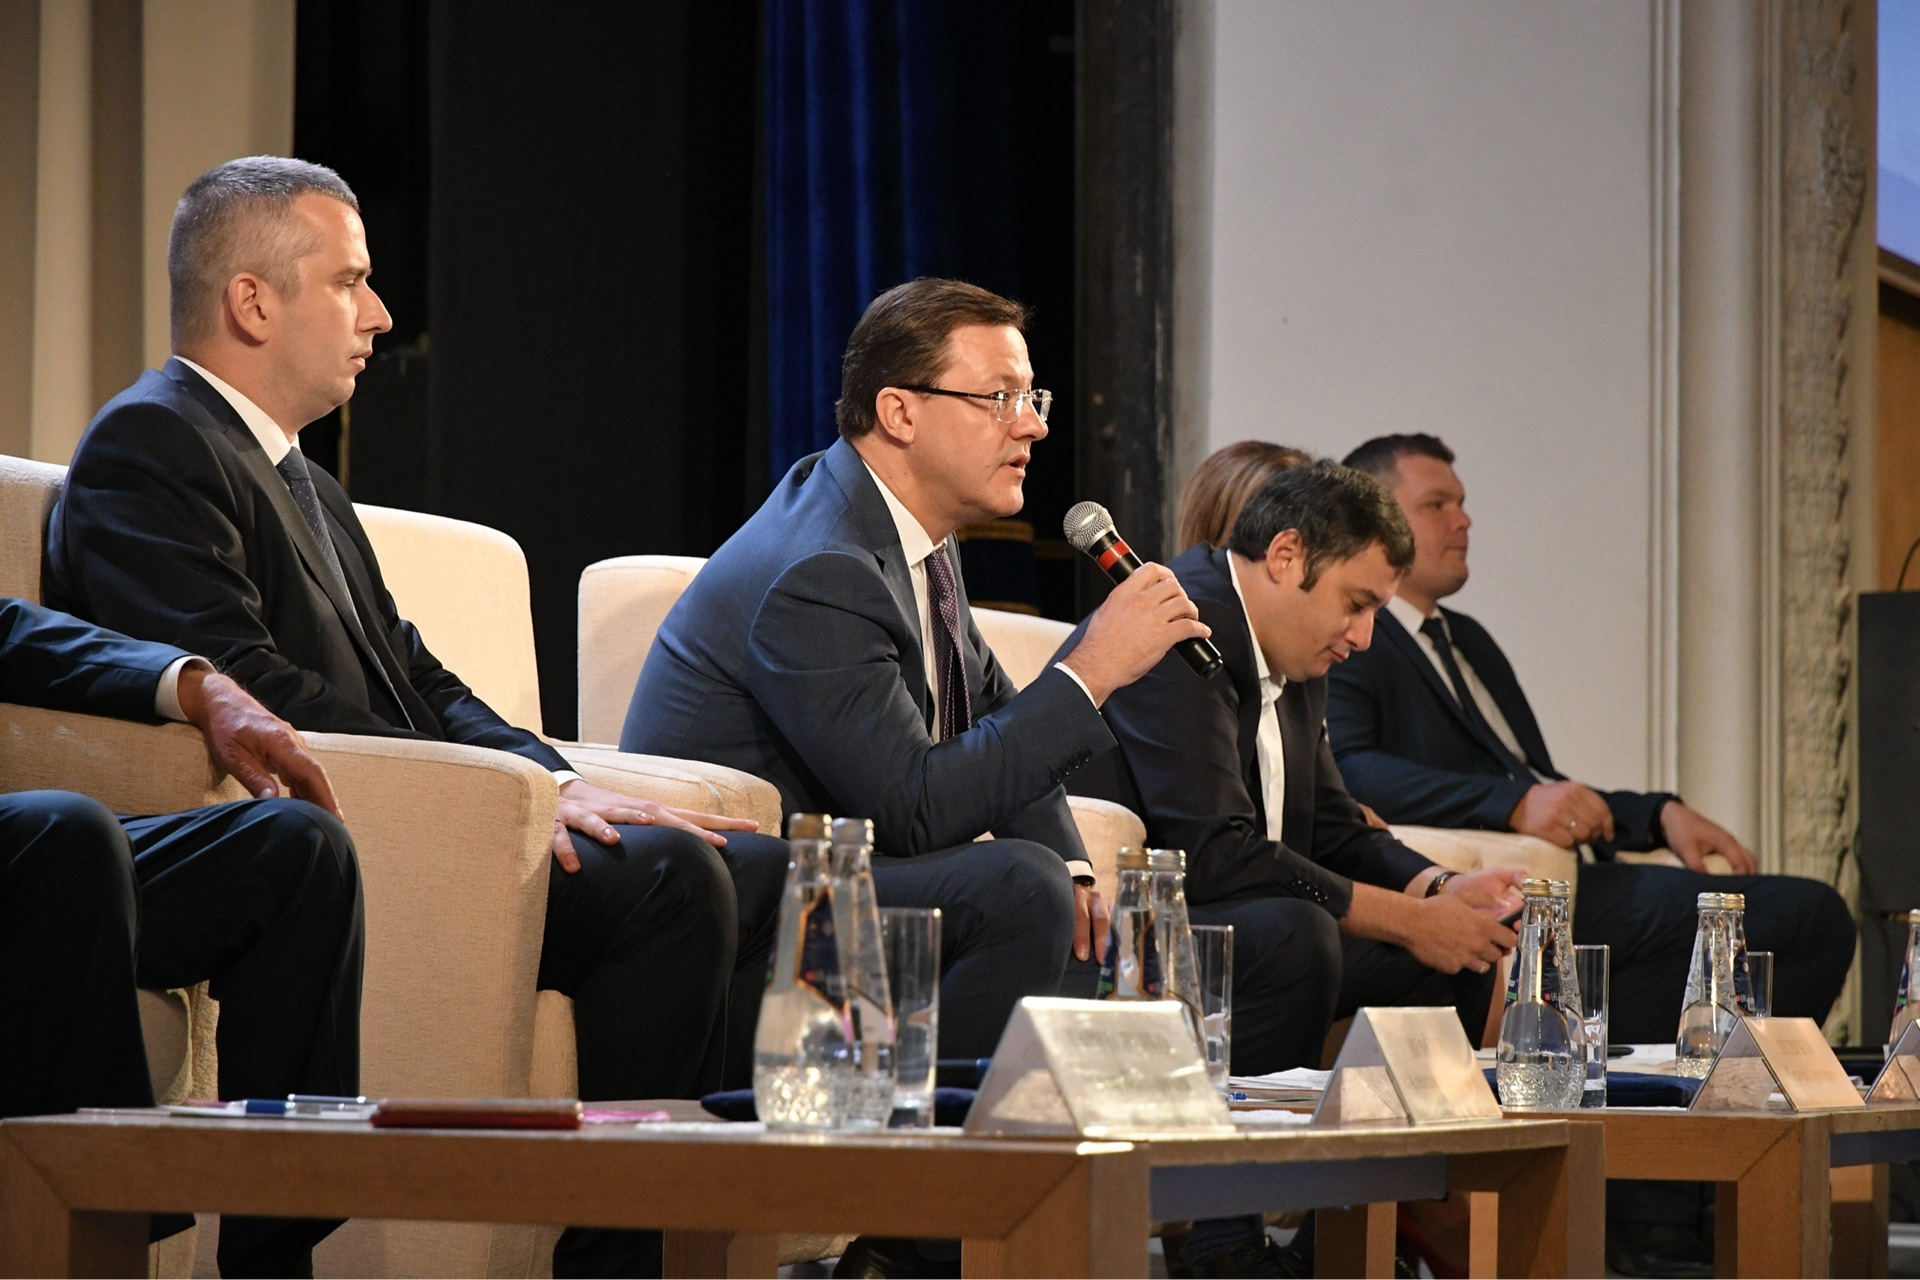 Дмитрий Азаров подвелитоги стратегической сессии по развитию малых городов